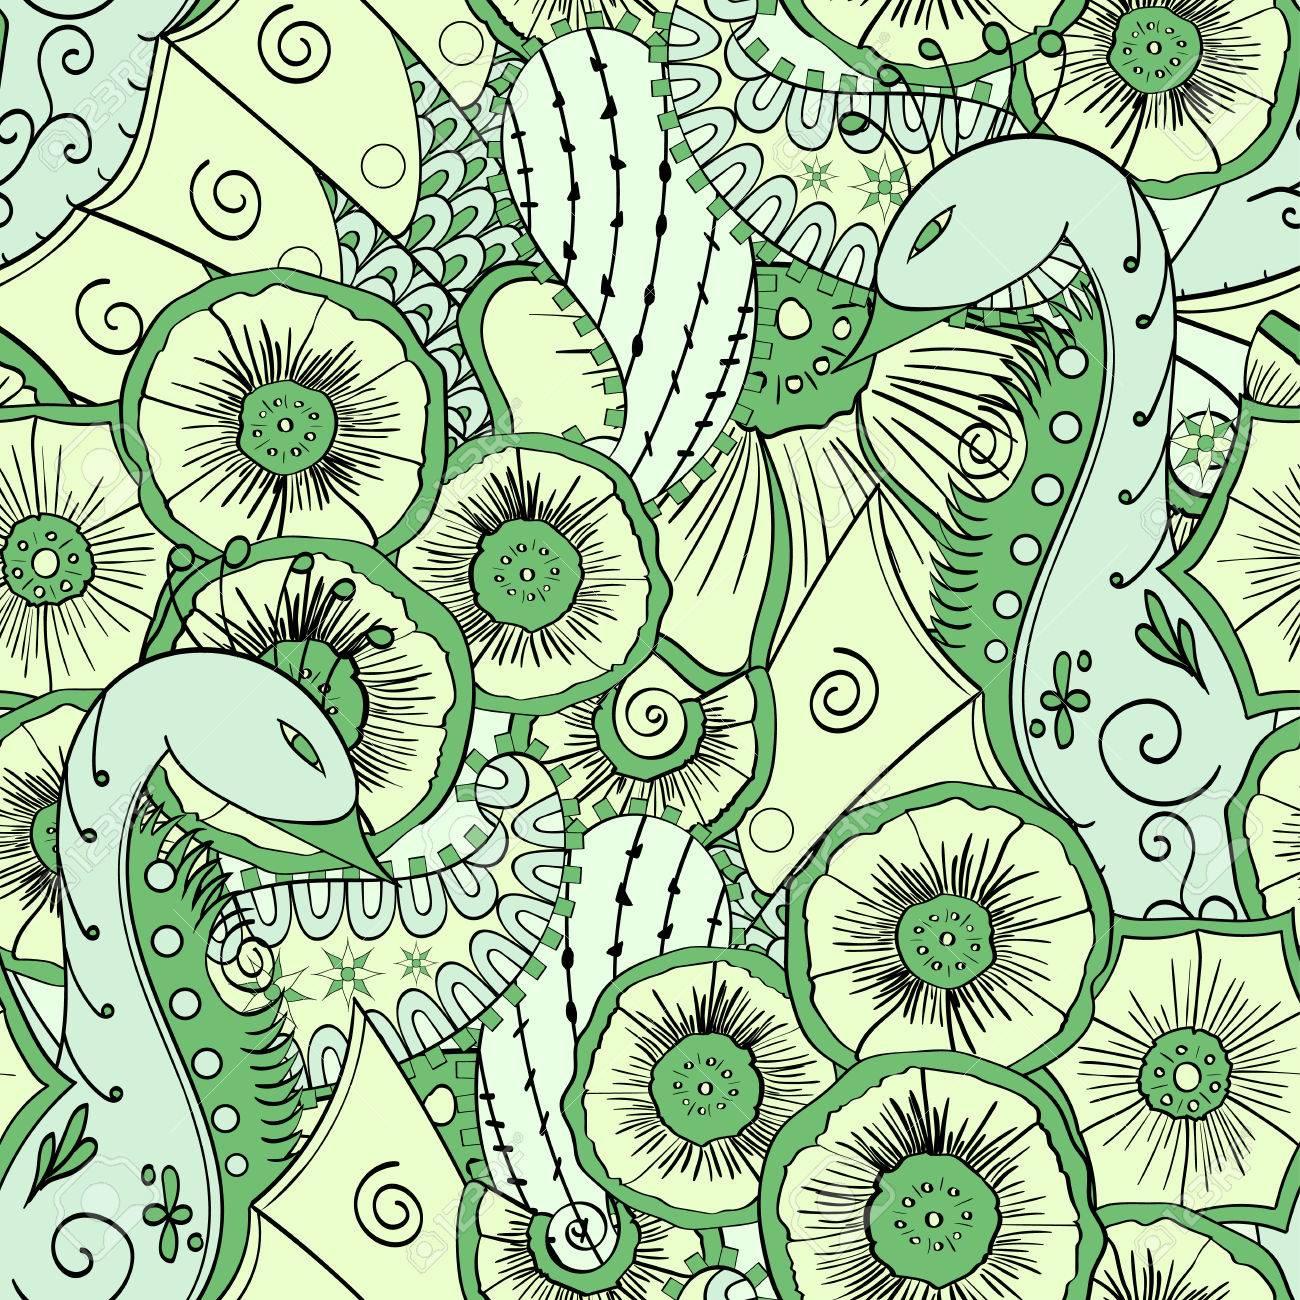 Grün Muster Natürliche Sumpf Mit Einer Pfauenmotiv Einfache